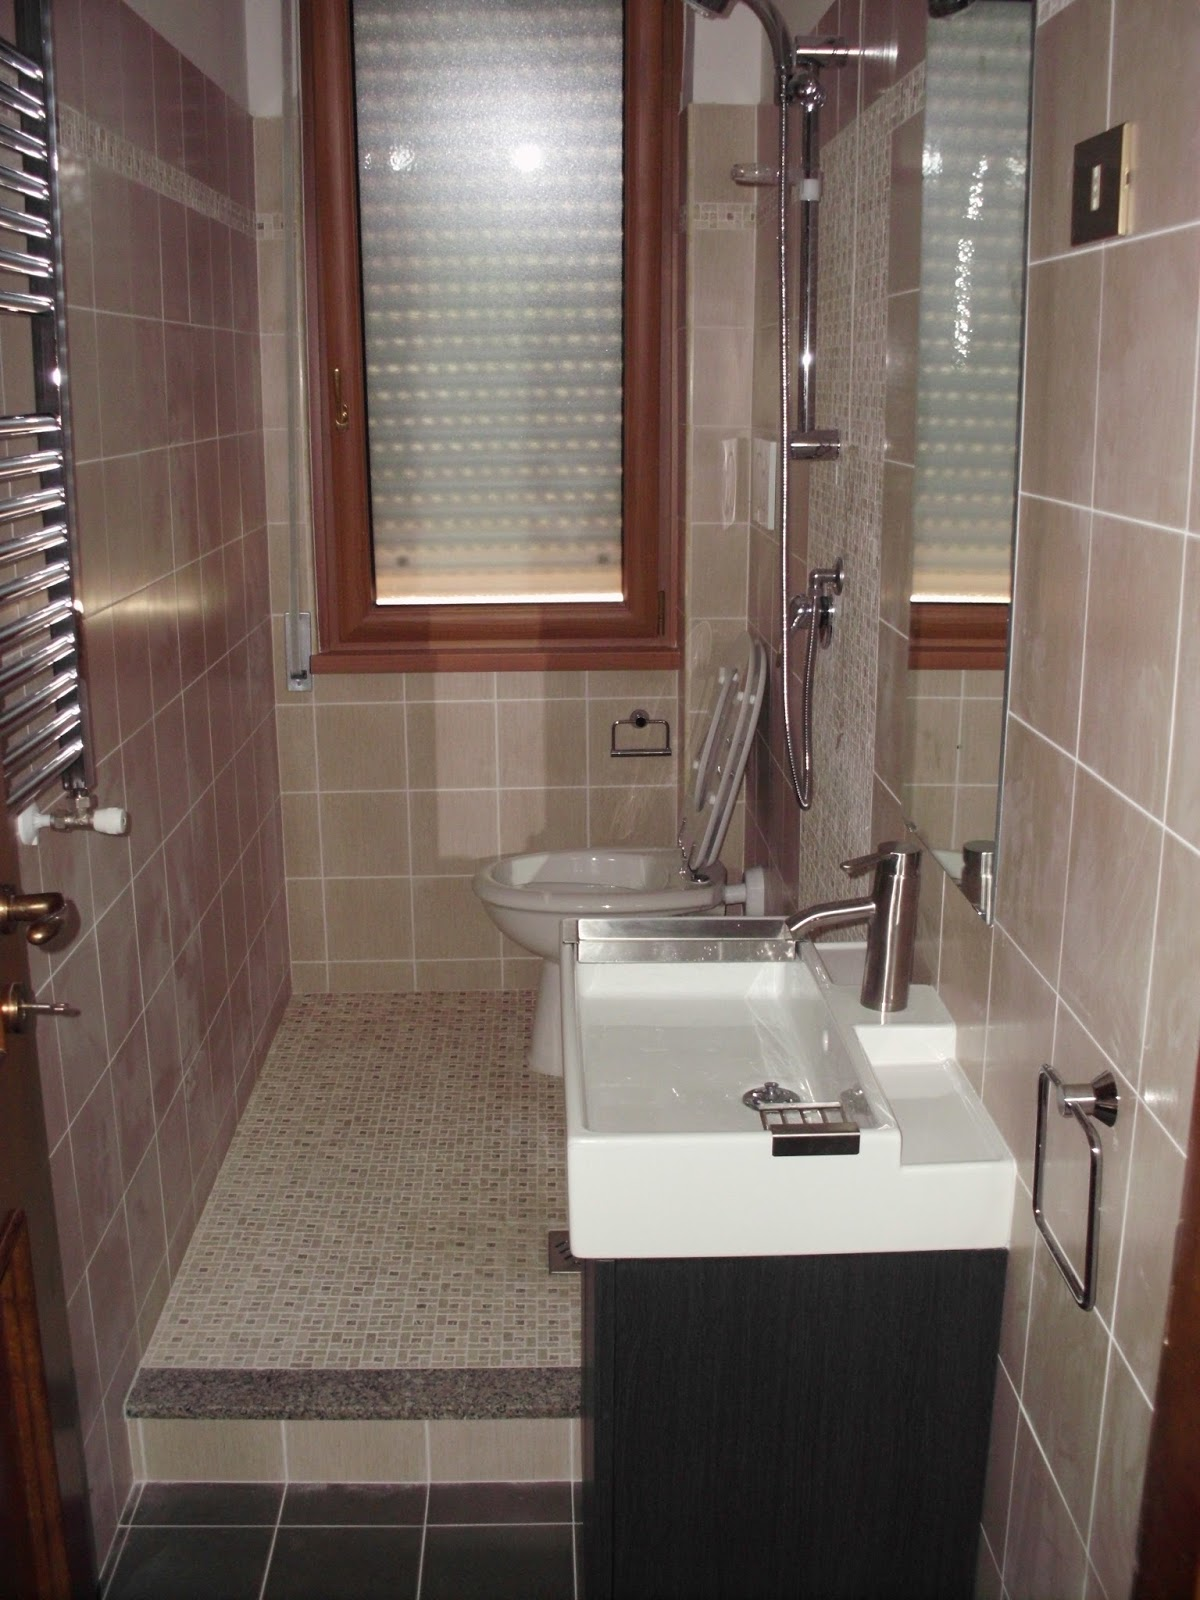 Idee Mobili Bagno In Muratura : Idee mobili bagno in muratura ...